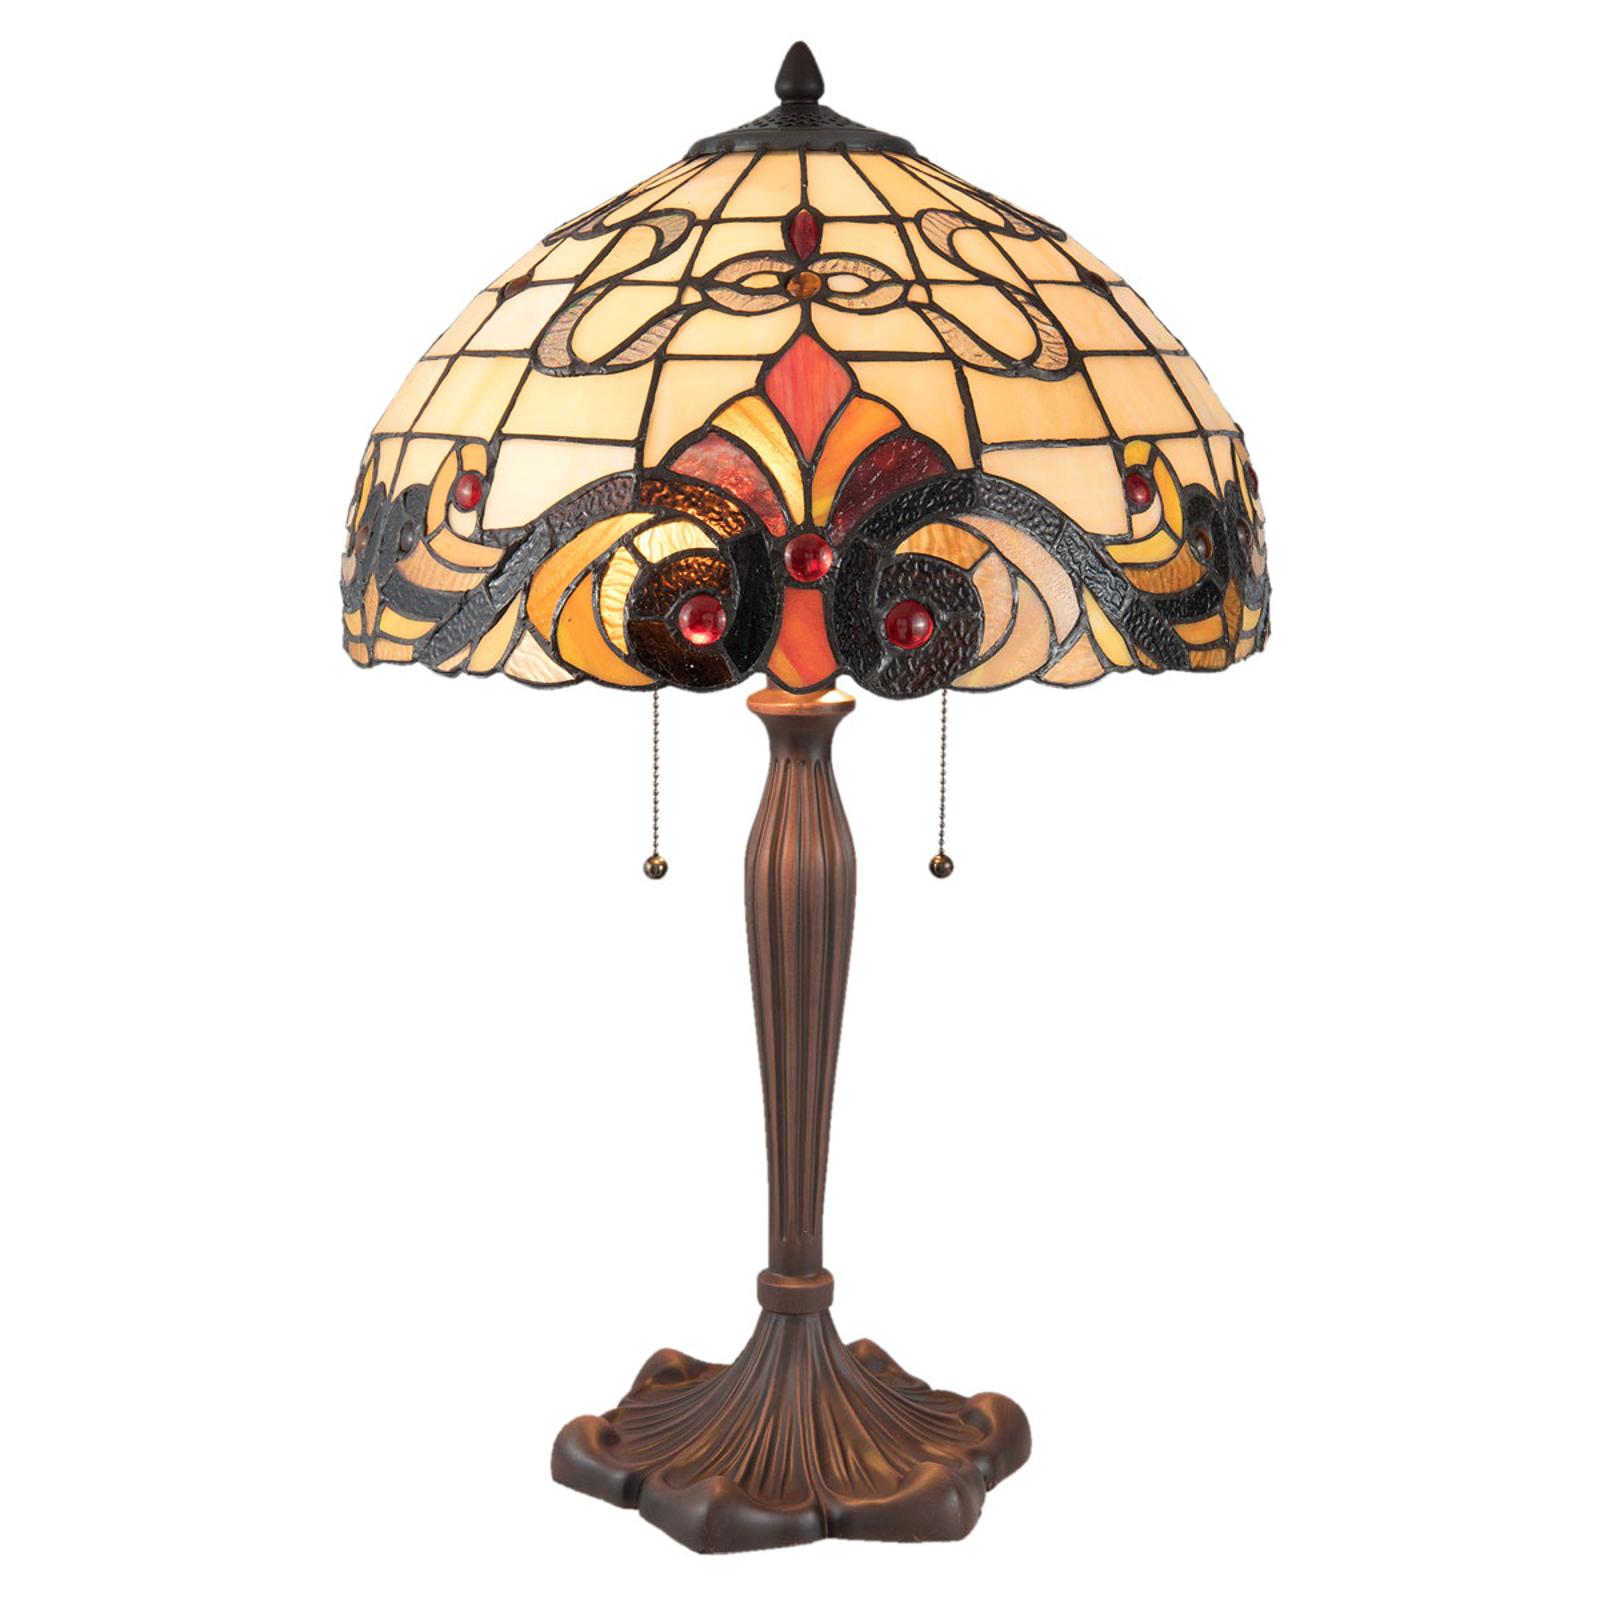 Pöytälamppu 5925 tiffany-tyyliä, creme-punainen